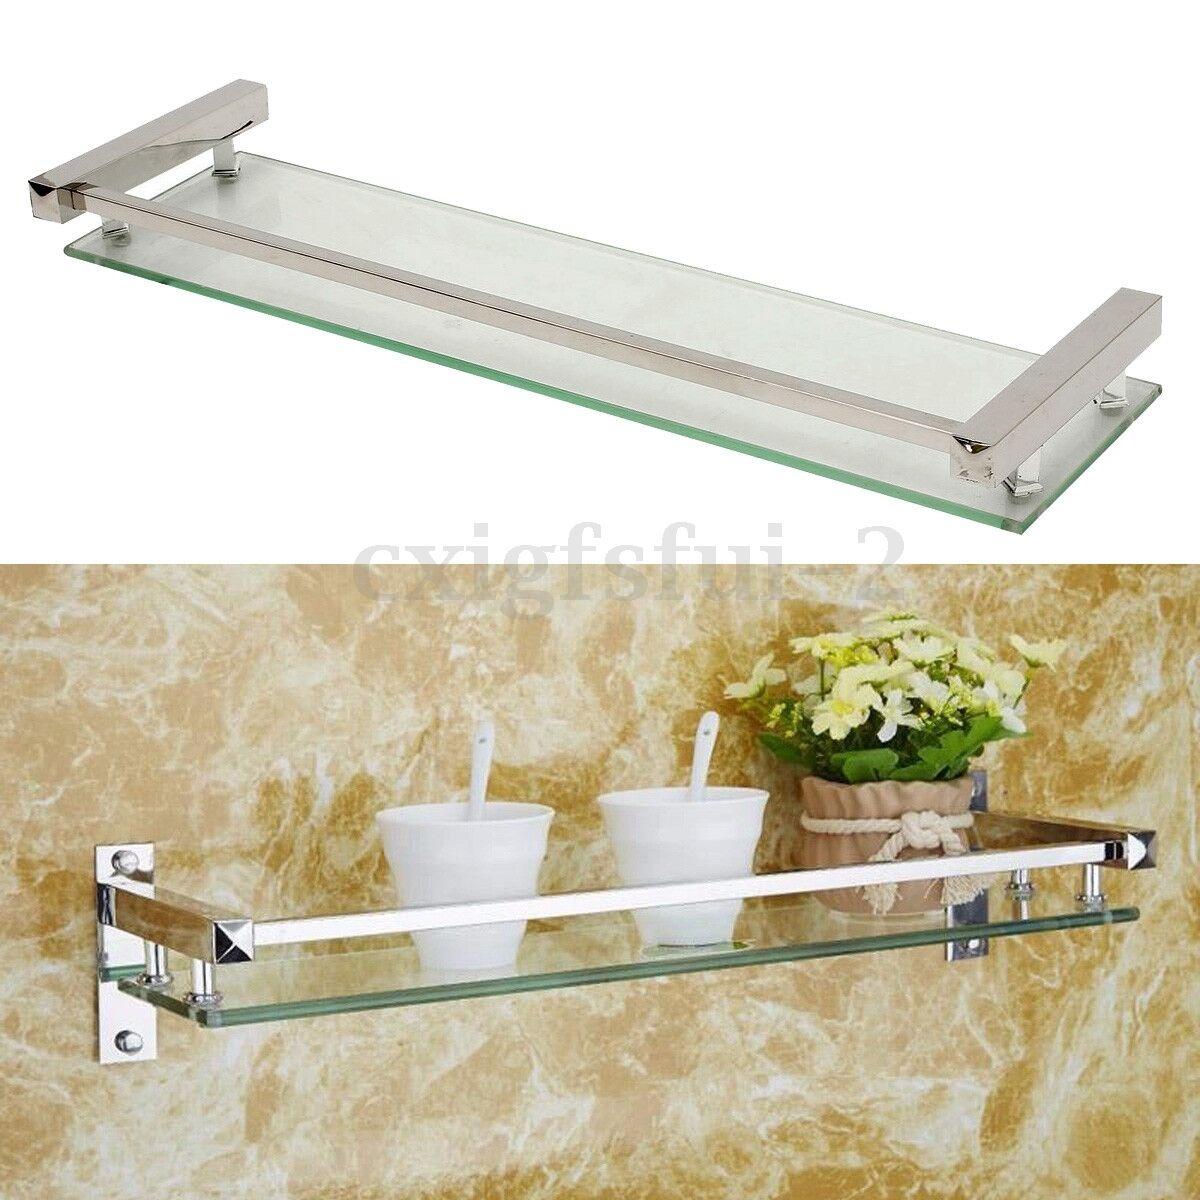 Bathroom Bath Glass Shower Caddy Shelf Rack Holder Organizer Wall Mount